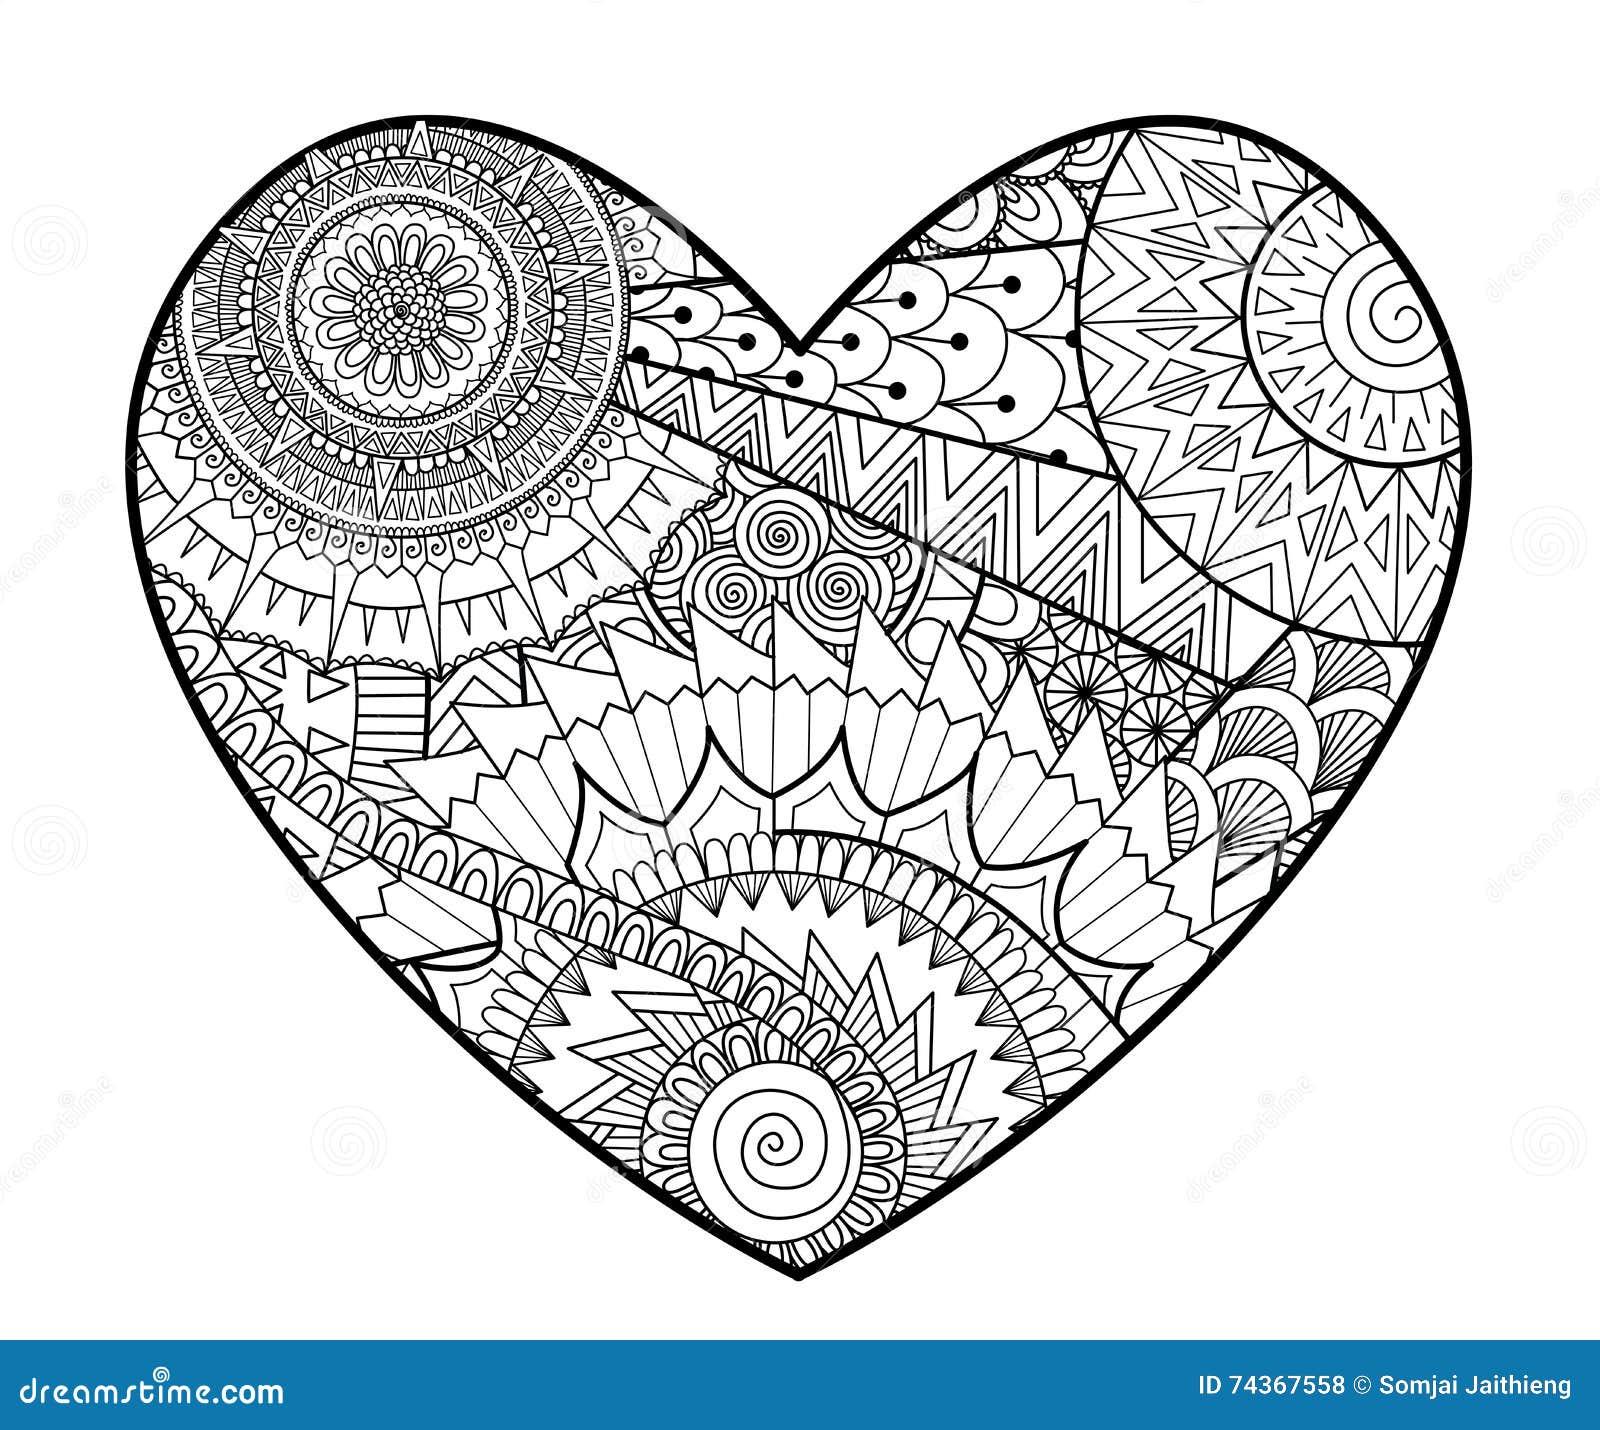 Coloriage Adulte Coeur.Zendoodle Dans La Forme De Coeur Pour Livres De Coloriage Pour L